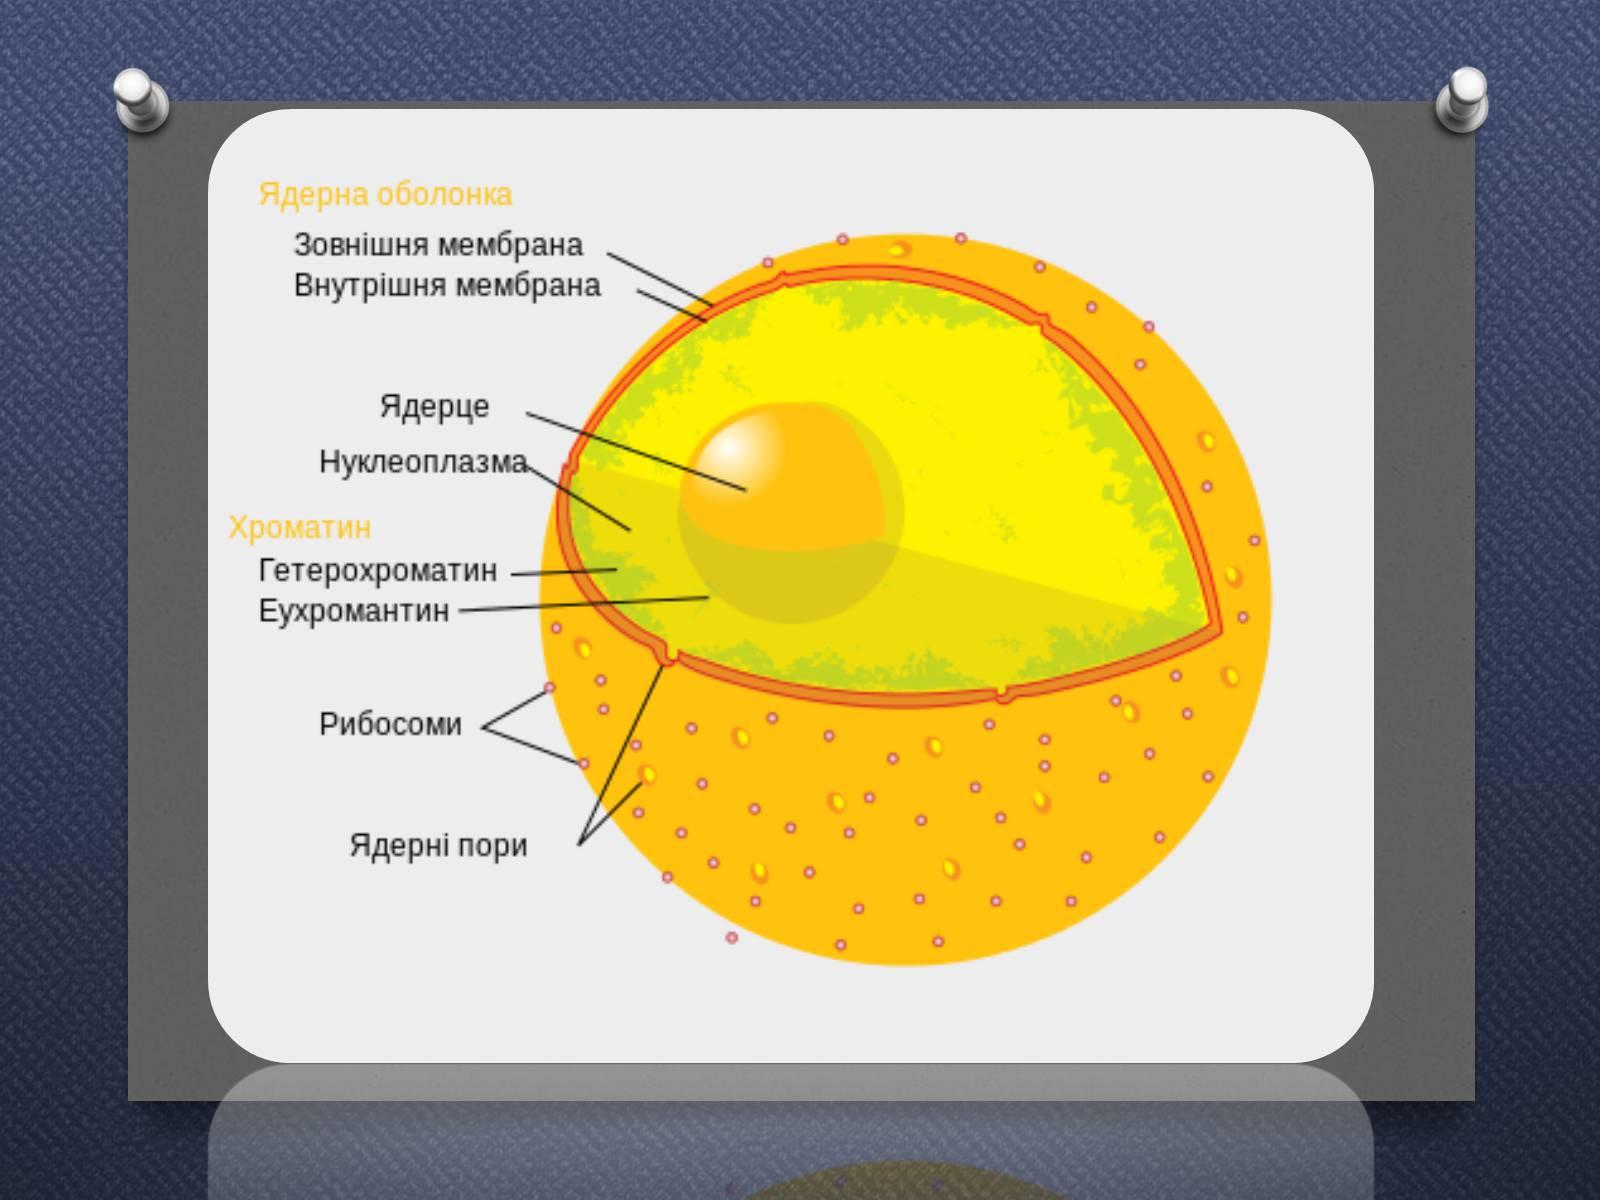 рекомендуется ядро картинка по биологии теперь, всем срочно